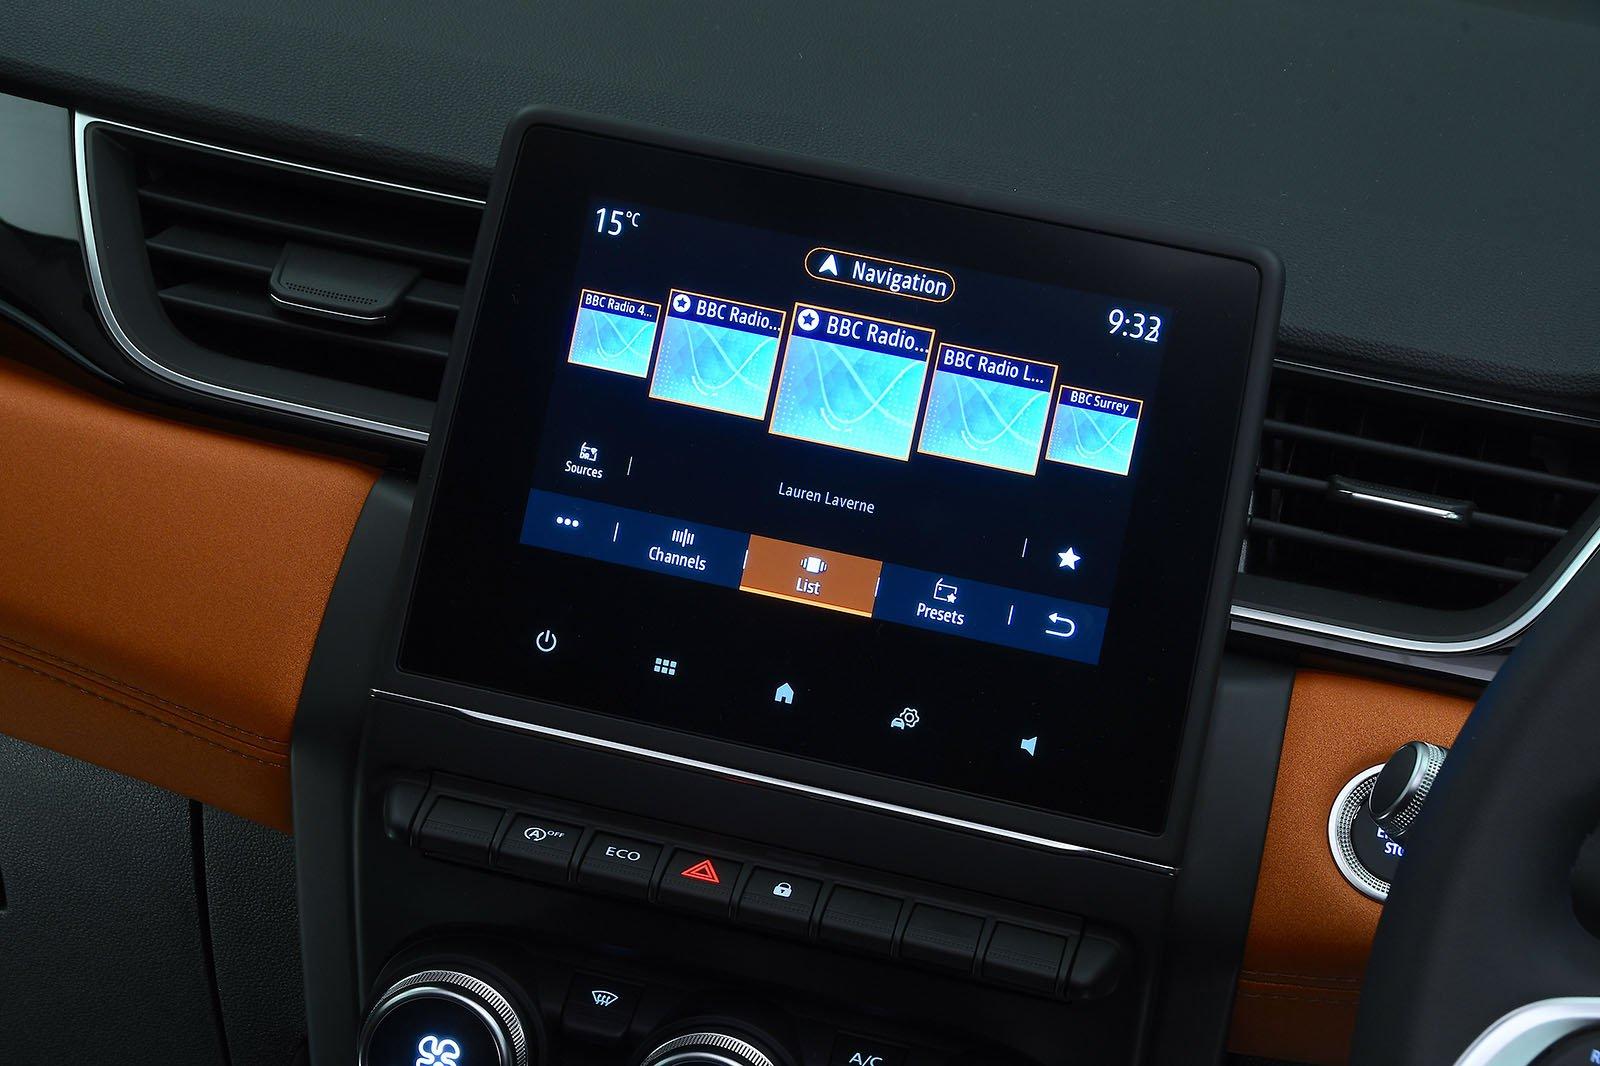 Renault Captur 2020 RHD infotainment